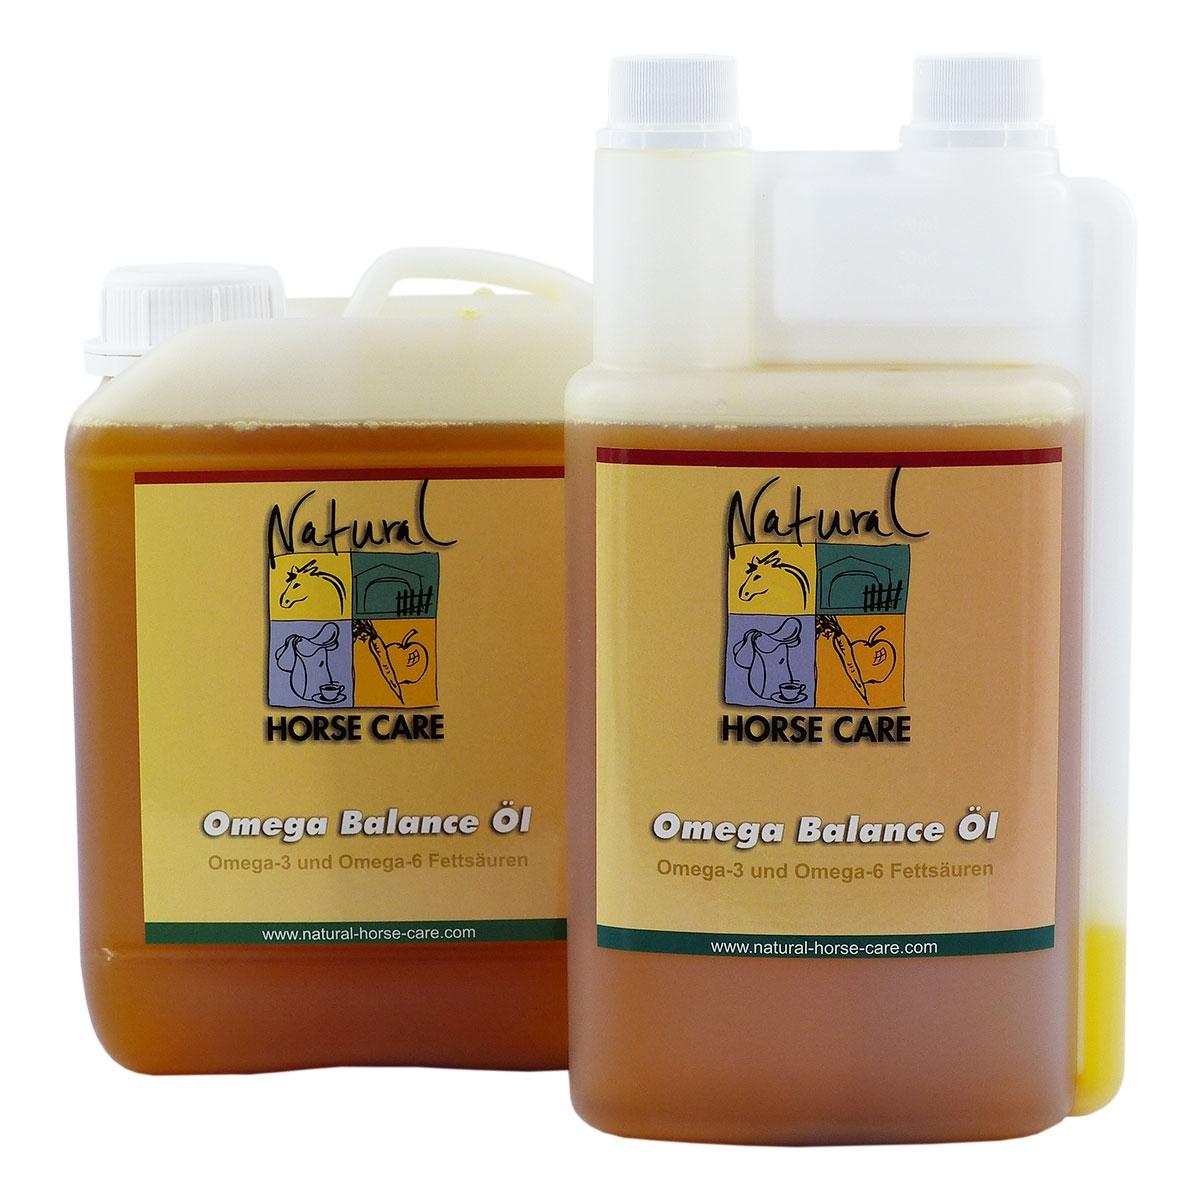 das Omega Balance Öl von Natural Horse Care - hier direkt bestellen!